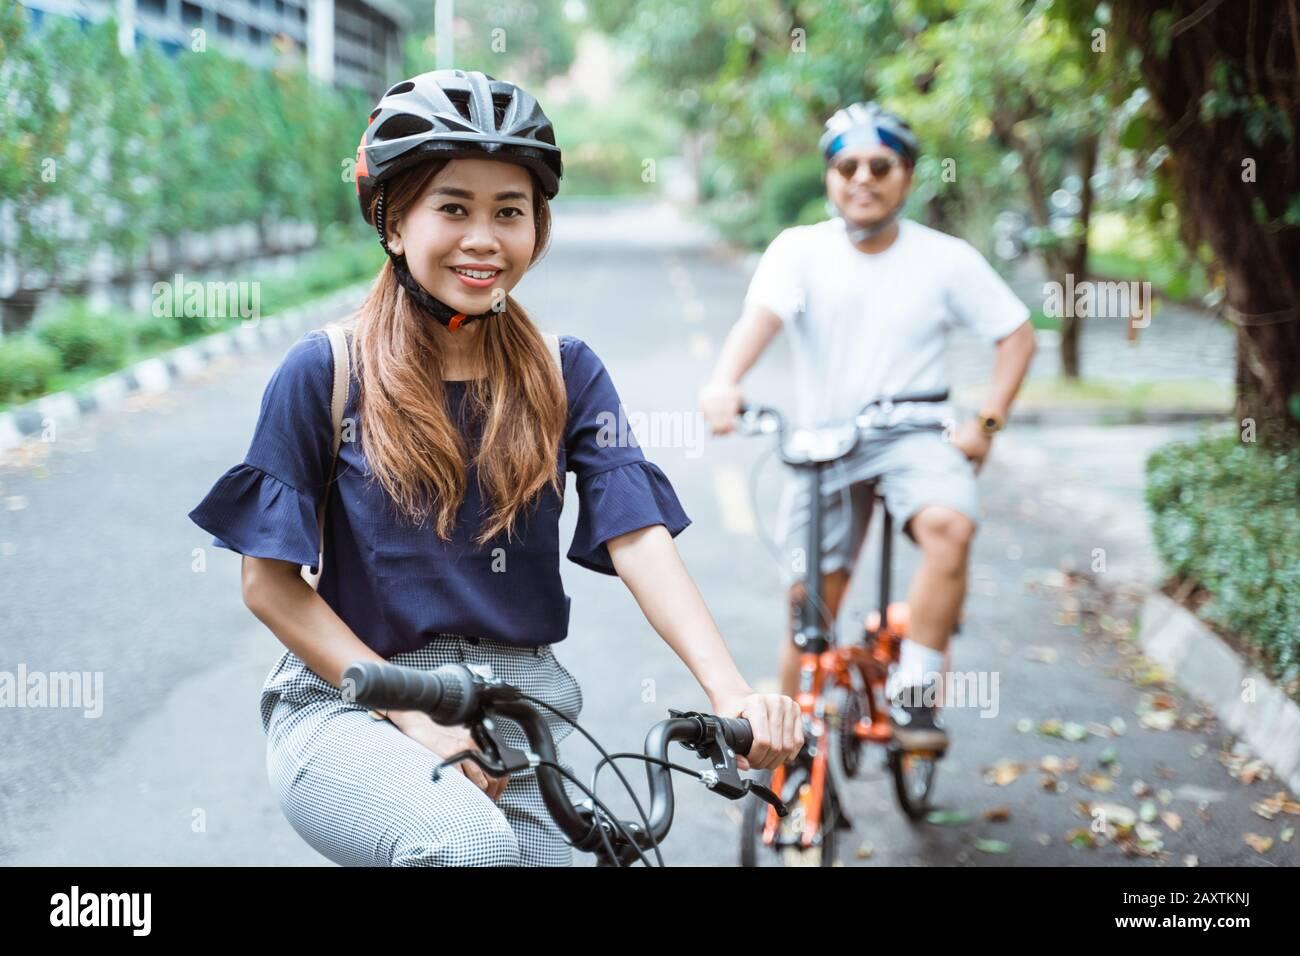 les jeunes couples asiatiques qui portent un casque apprécient de faire du vélo d'équitation ensemble lors de leurs excursions dans le parc Banque D'Images